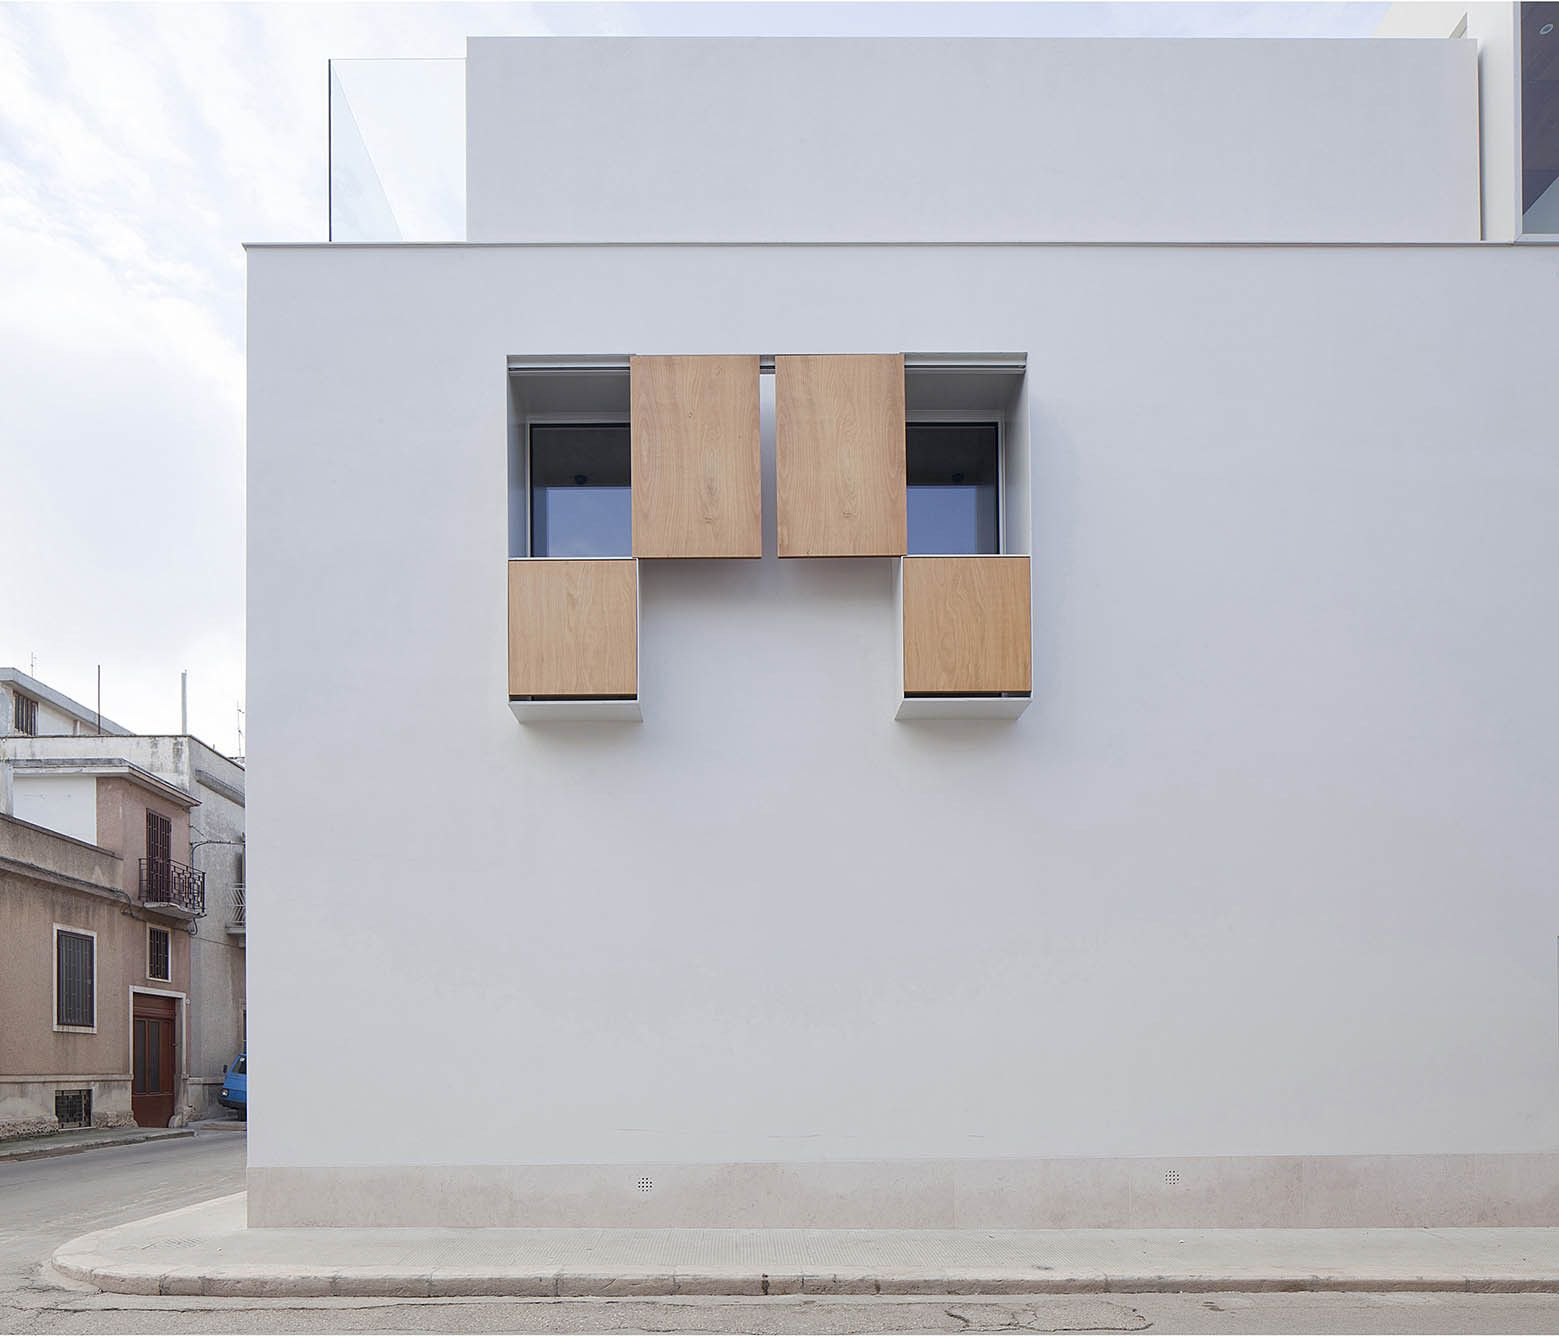 Image 5 of 20. Courtesy of Moramarco+Centrella architetti